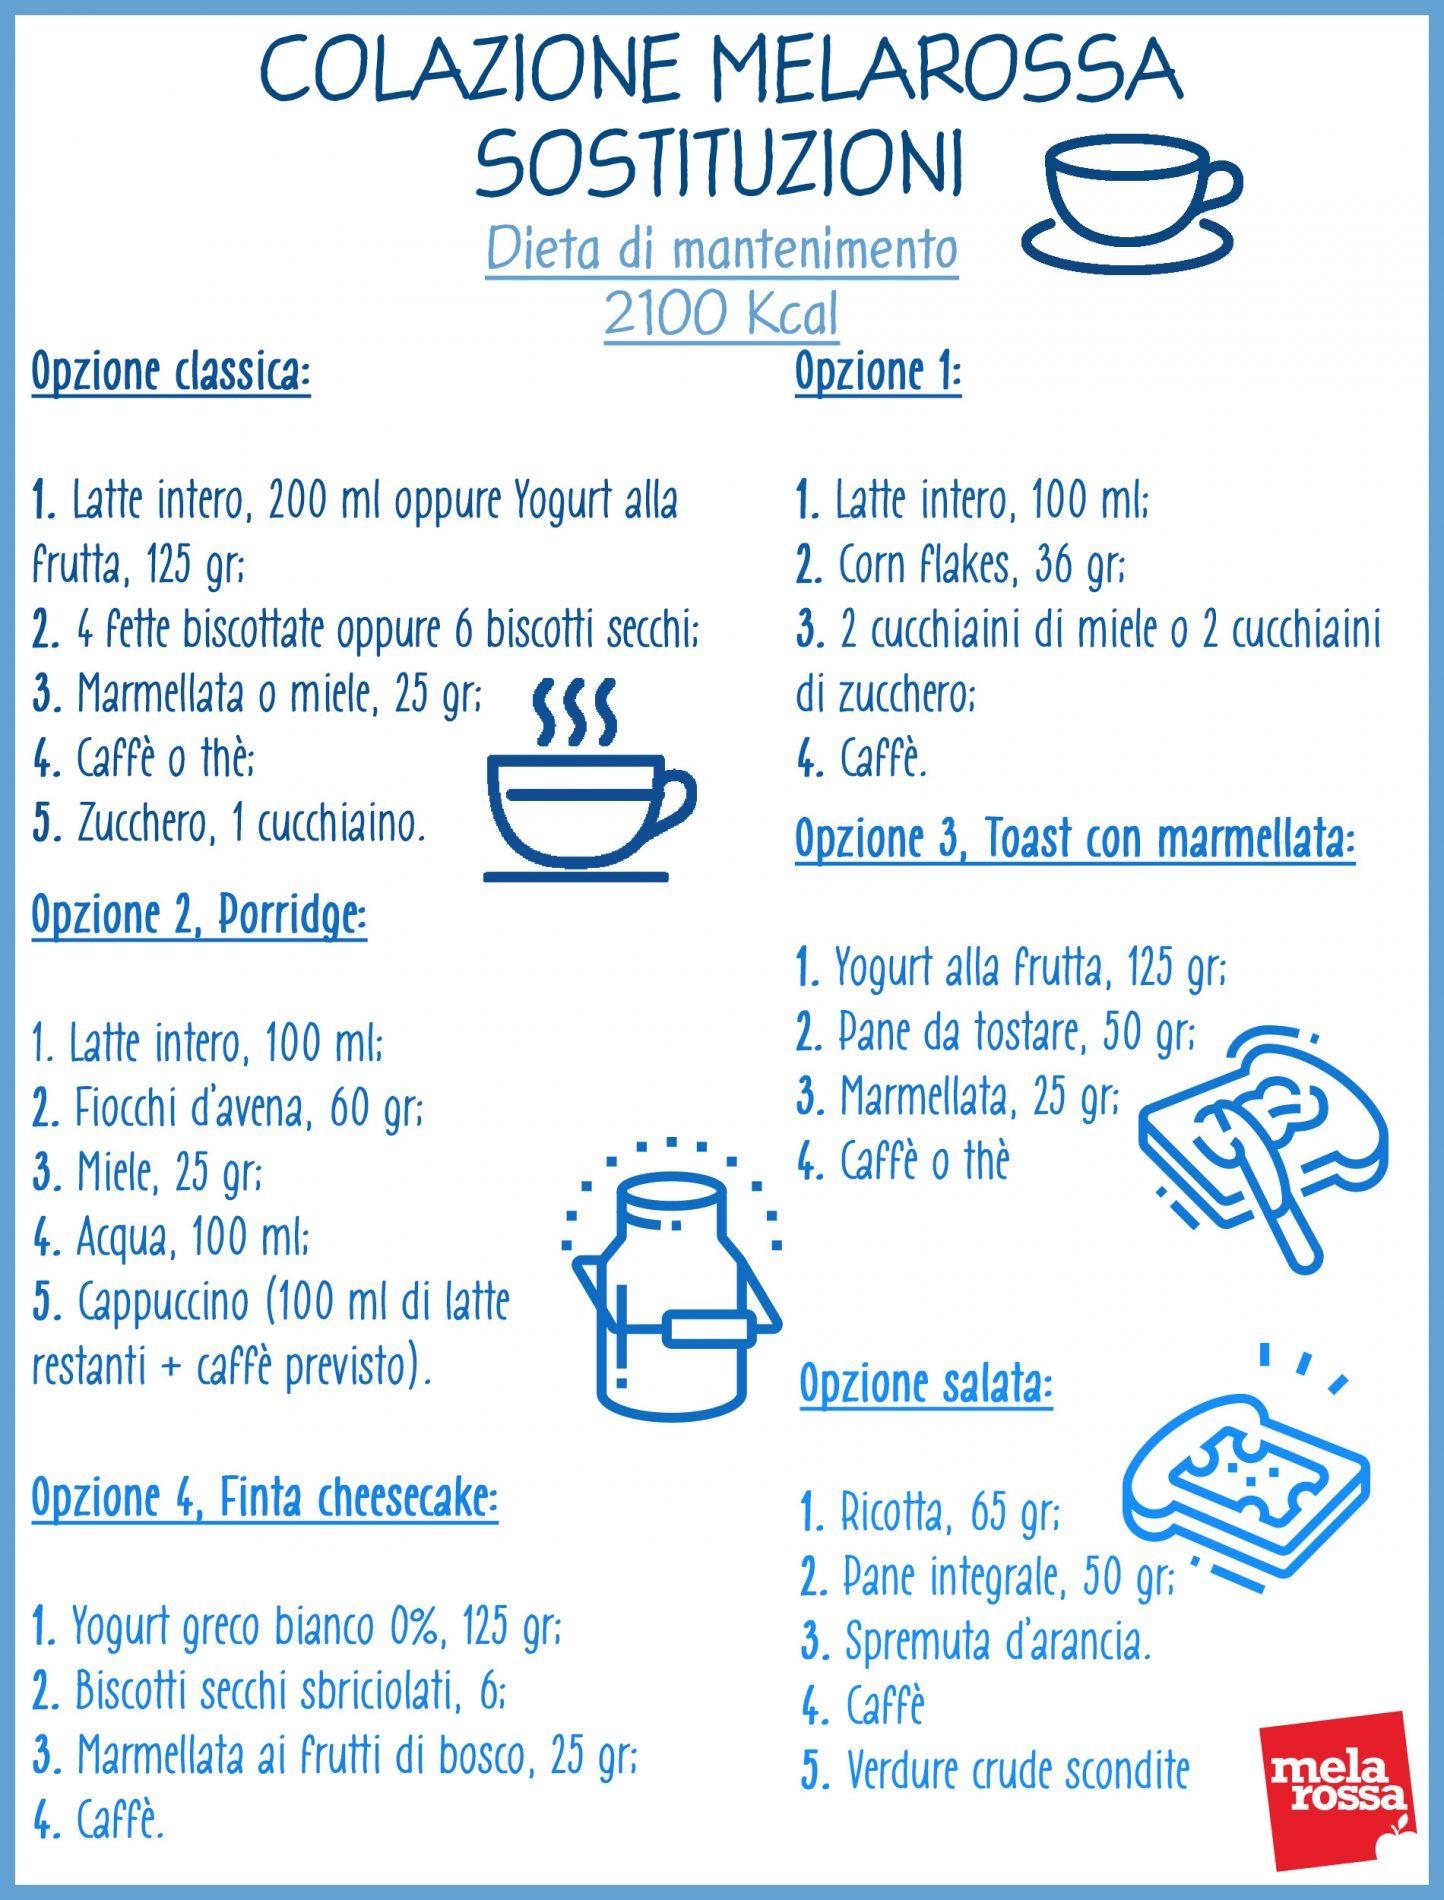 colazione della dieta Melarossa: esempi di sostituzioni per la dieta di mantenimento